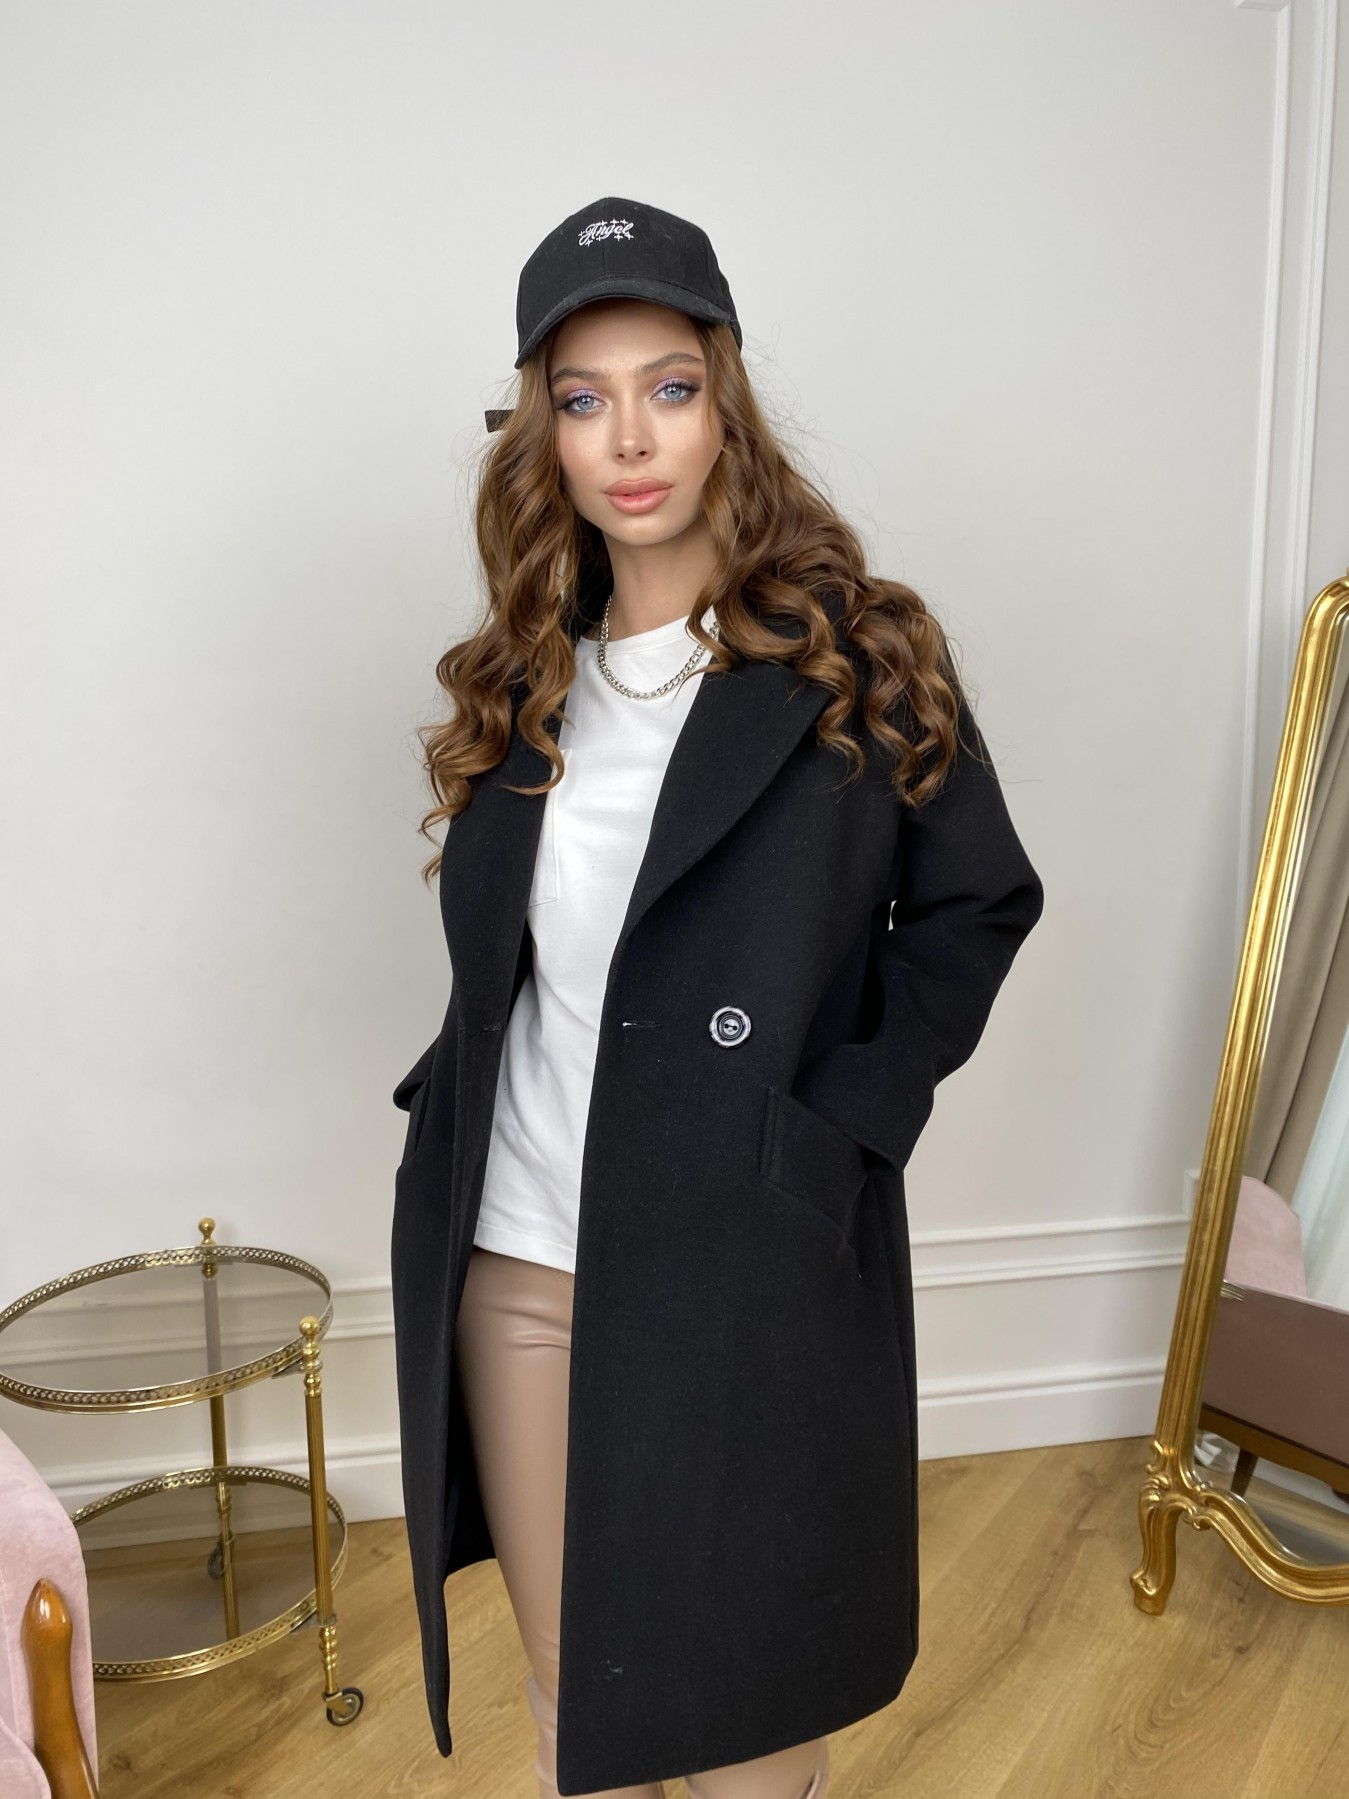 Сенсей пальто  из гладкого кашемира 10905 АРТ. 47370 Цвет: Черный - фото 7, интернет магазин tm-modus.ru